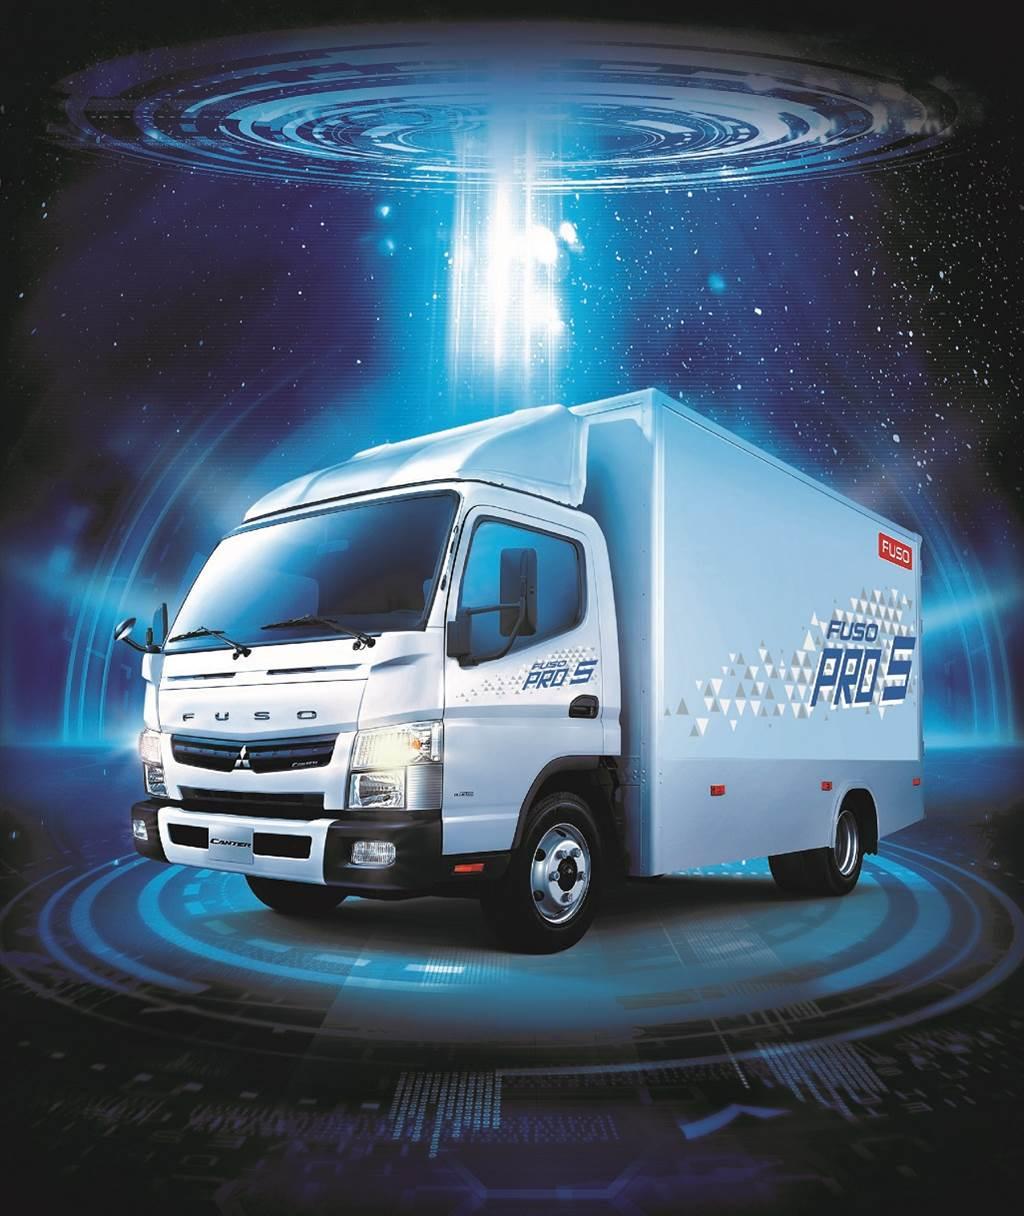 好厲害!唯一超越7,000台 FUSO連續29年稱霸3.5噸級(含)以上小型貨車及總巿場雙料冠軍